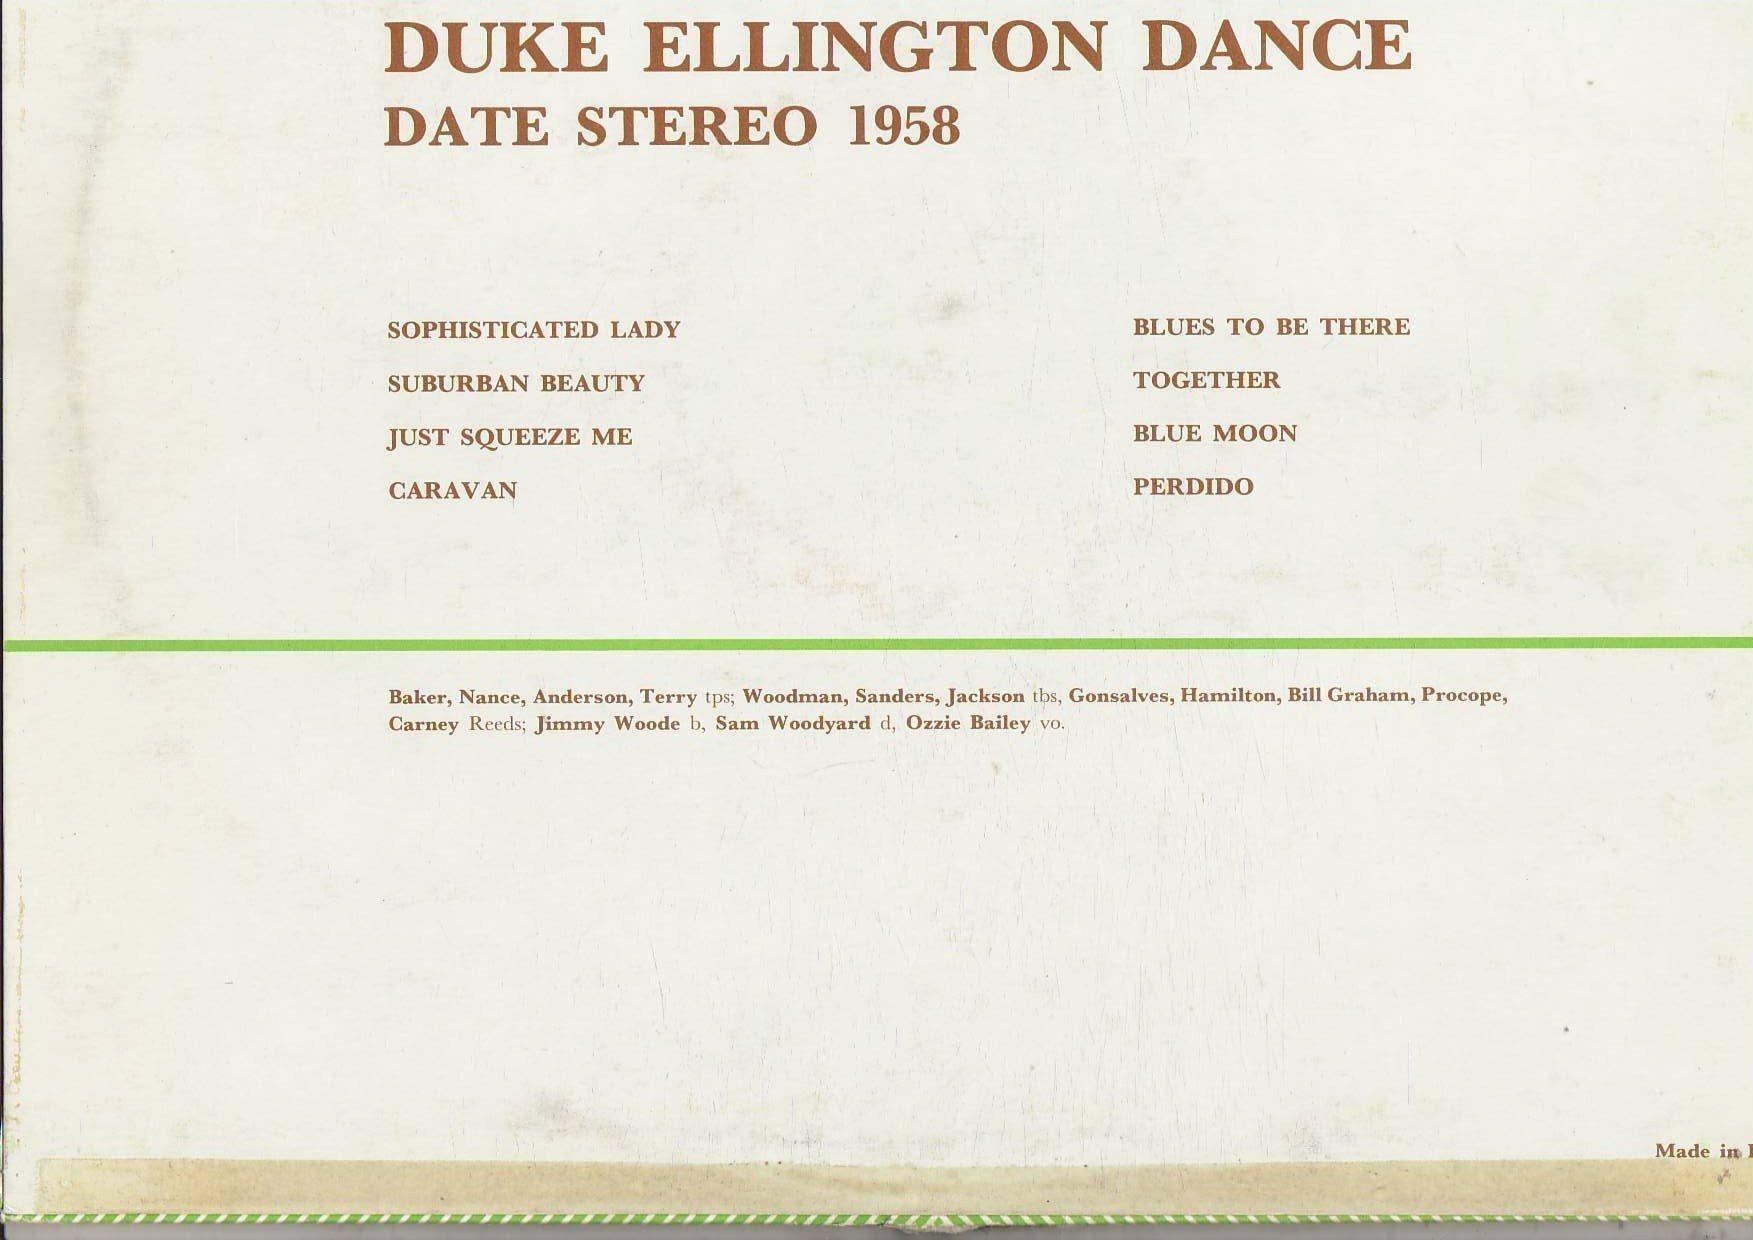 Duke Ellington Dance Date Air Force U.S.A. March 1958